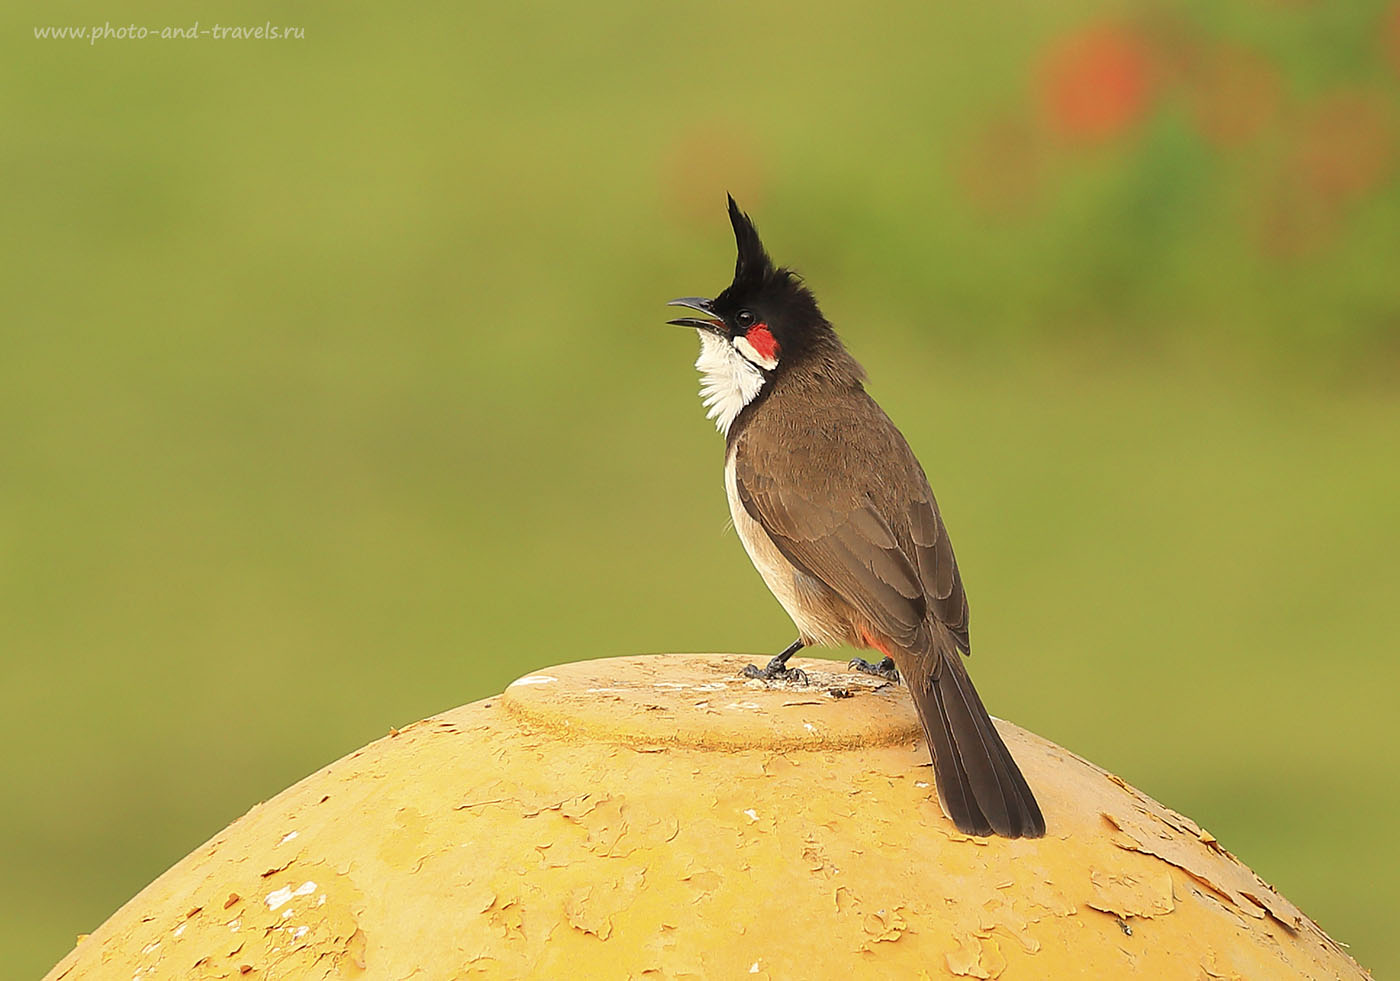 Фото № 18. Фотоохота в Индии. Птичка Бюль-Бюль. Отзывы туристов о путешествии по Карнатаке. Настройки фотоаппарата при съемке: 1/500, 6.3, 250, 200. Камера Canon EOS 6D. Телеобъектив Canon EF 70-200mm f/4L IS.